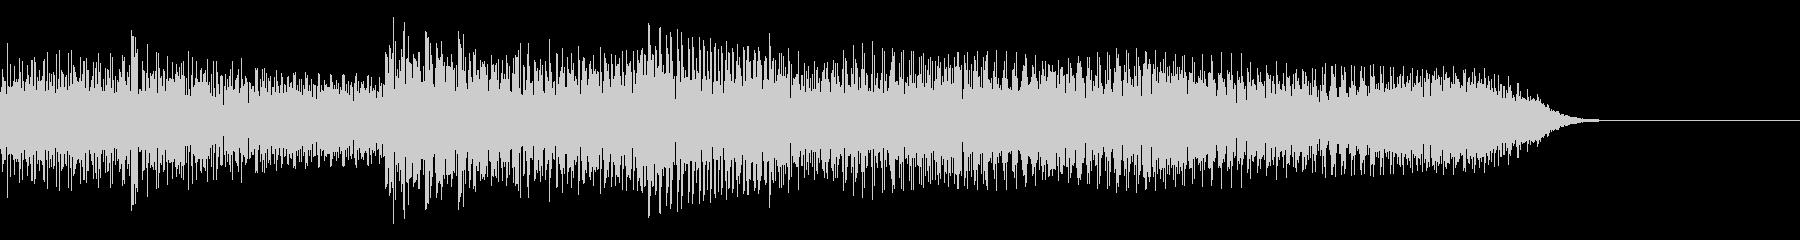 テッテレ(入手) 8bit 速めの未再生の波形